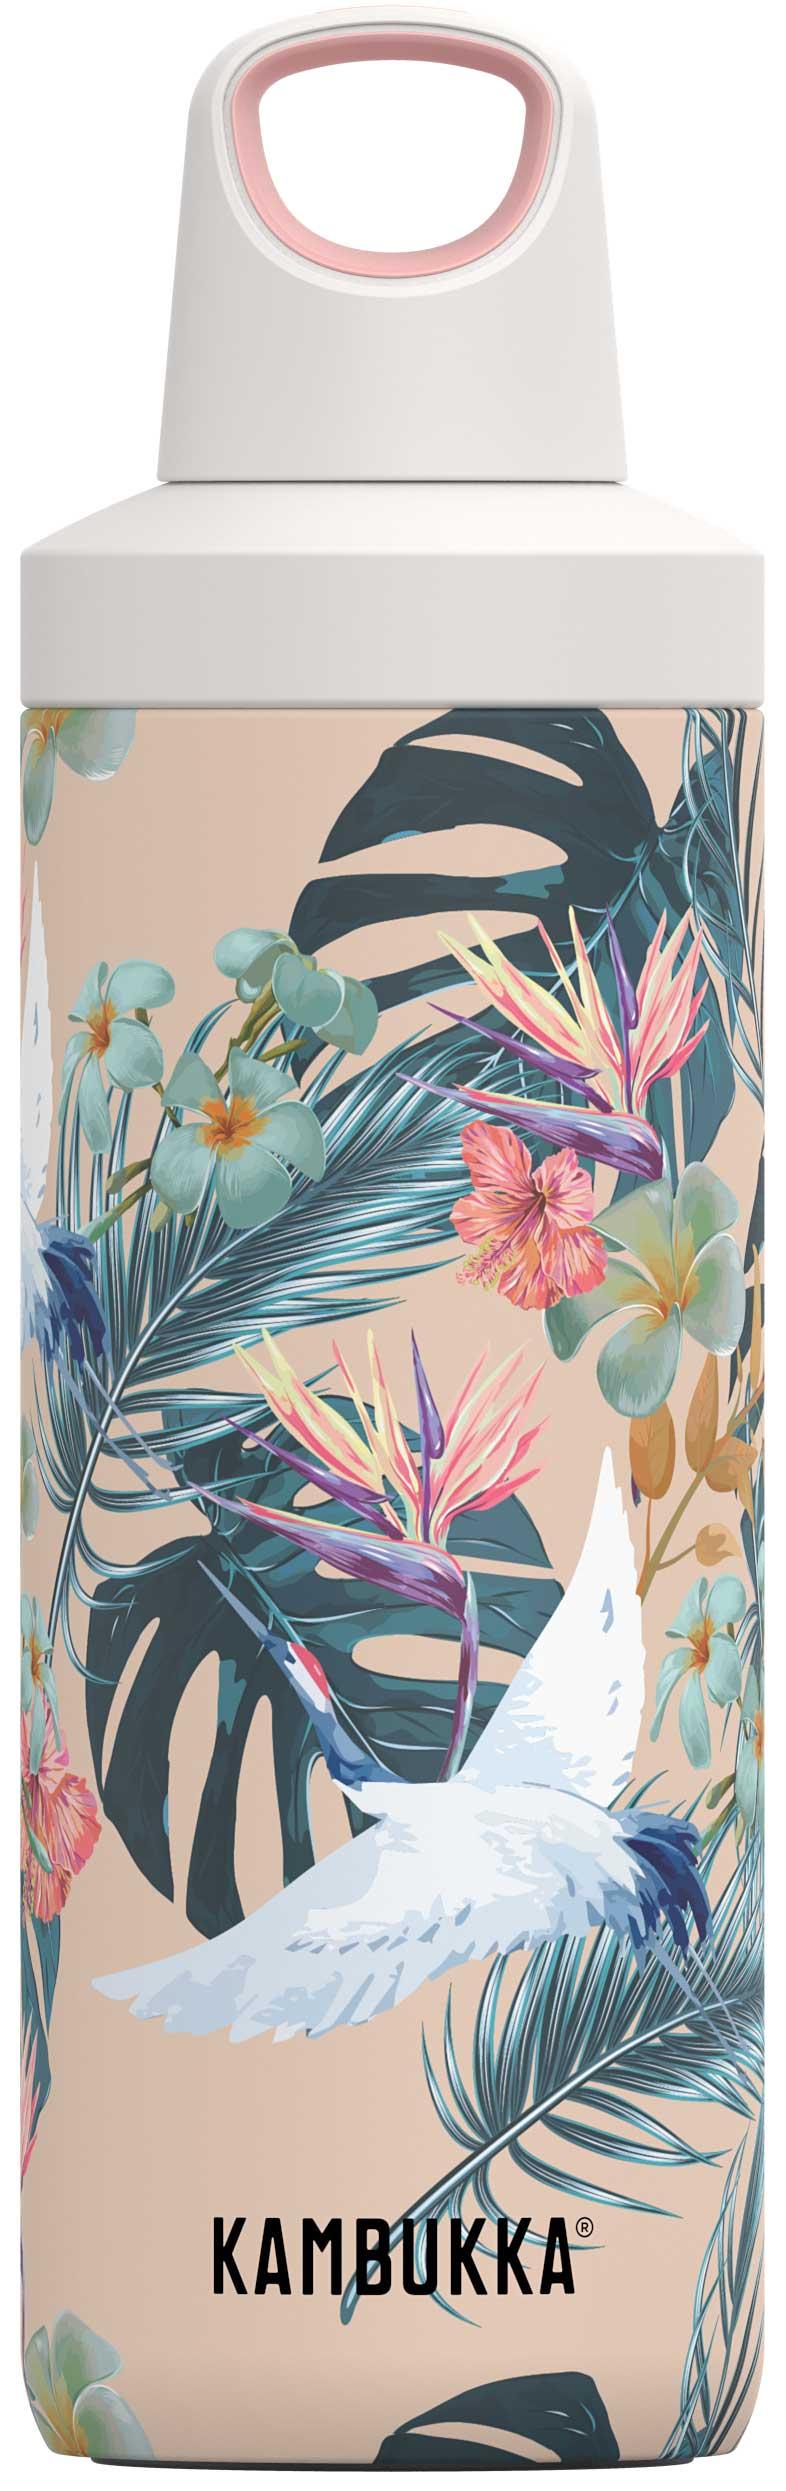 """בקבוק שתיה תרמי 500 מ""""ל פרחים קמבוקה Kambukka Paradise Flowers"""